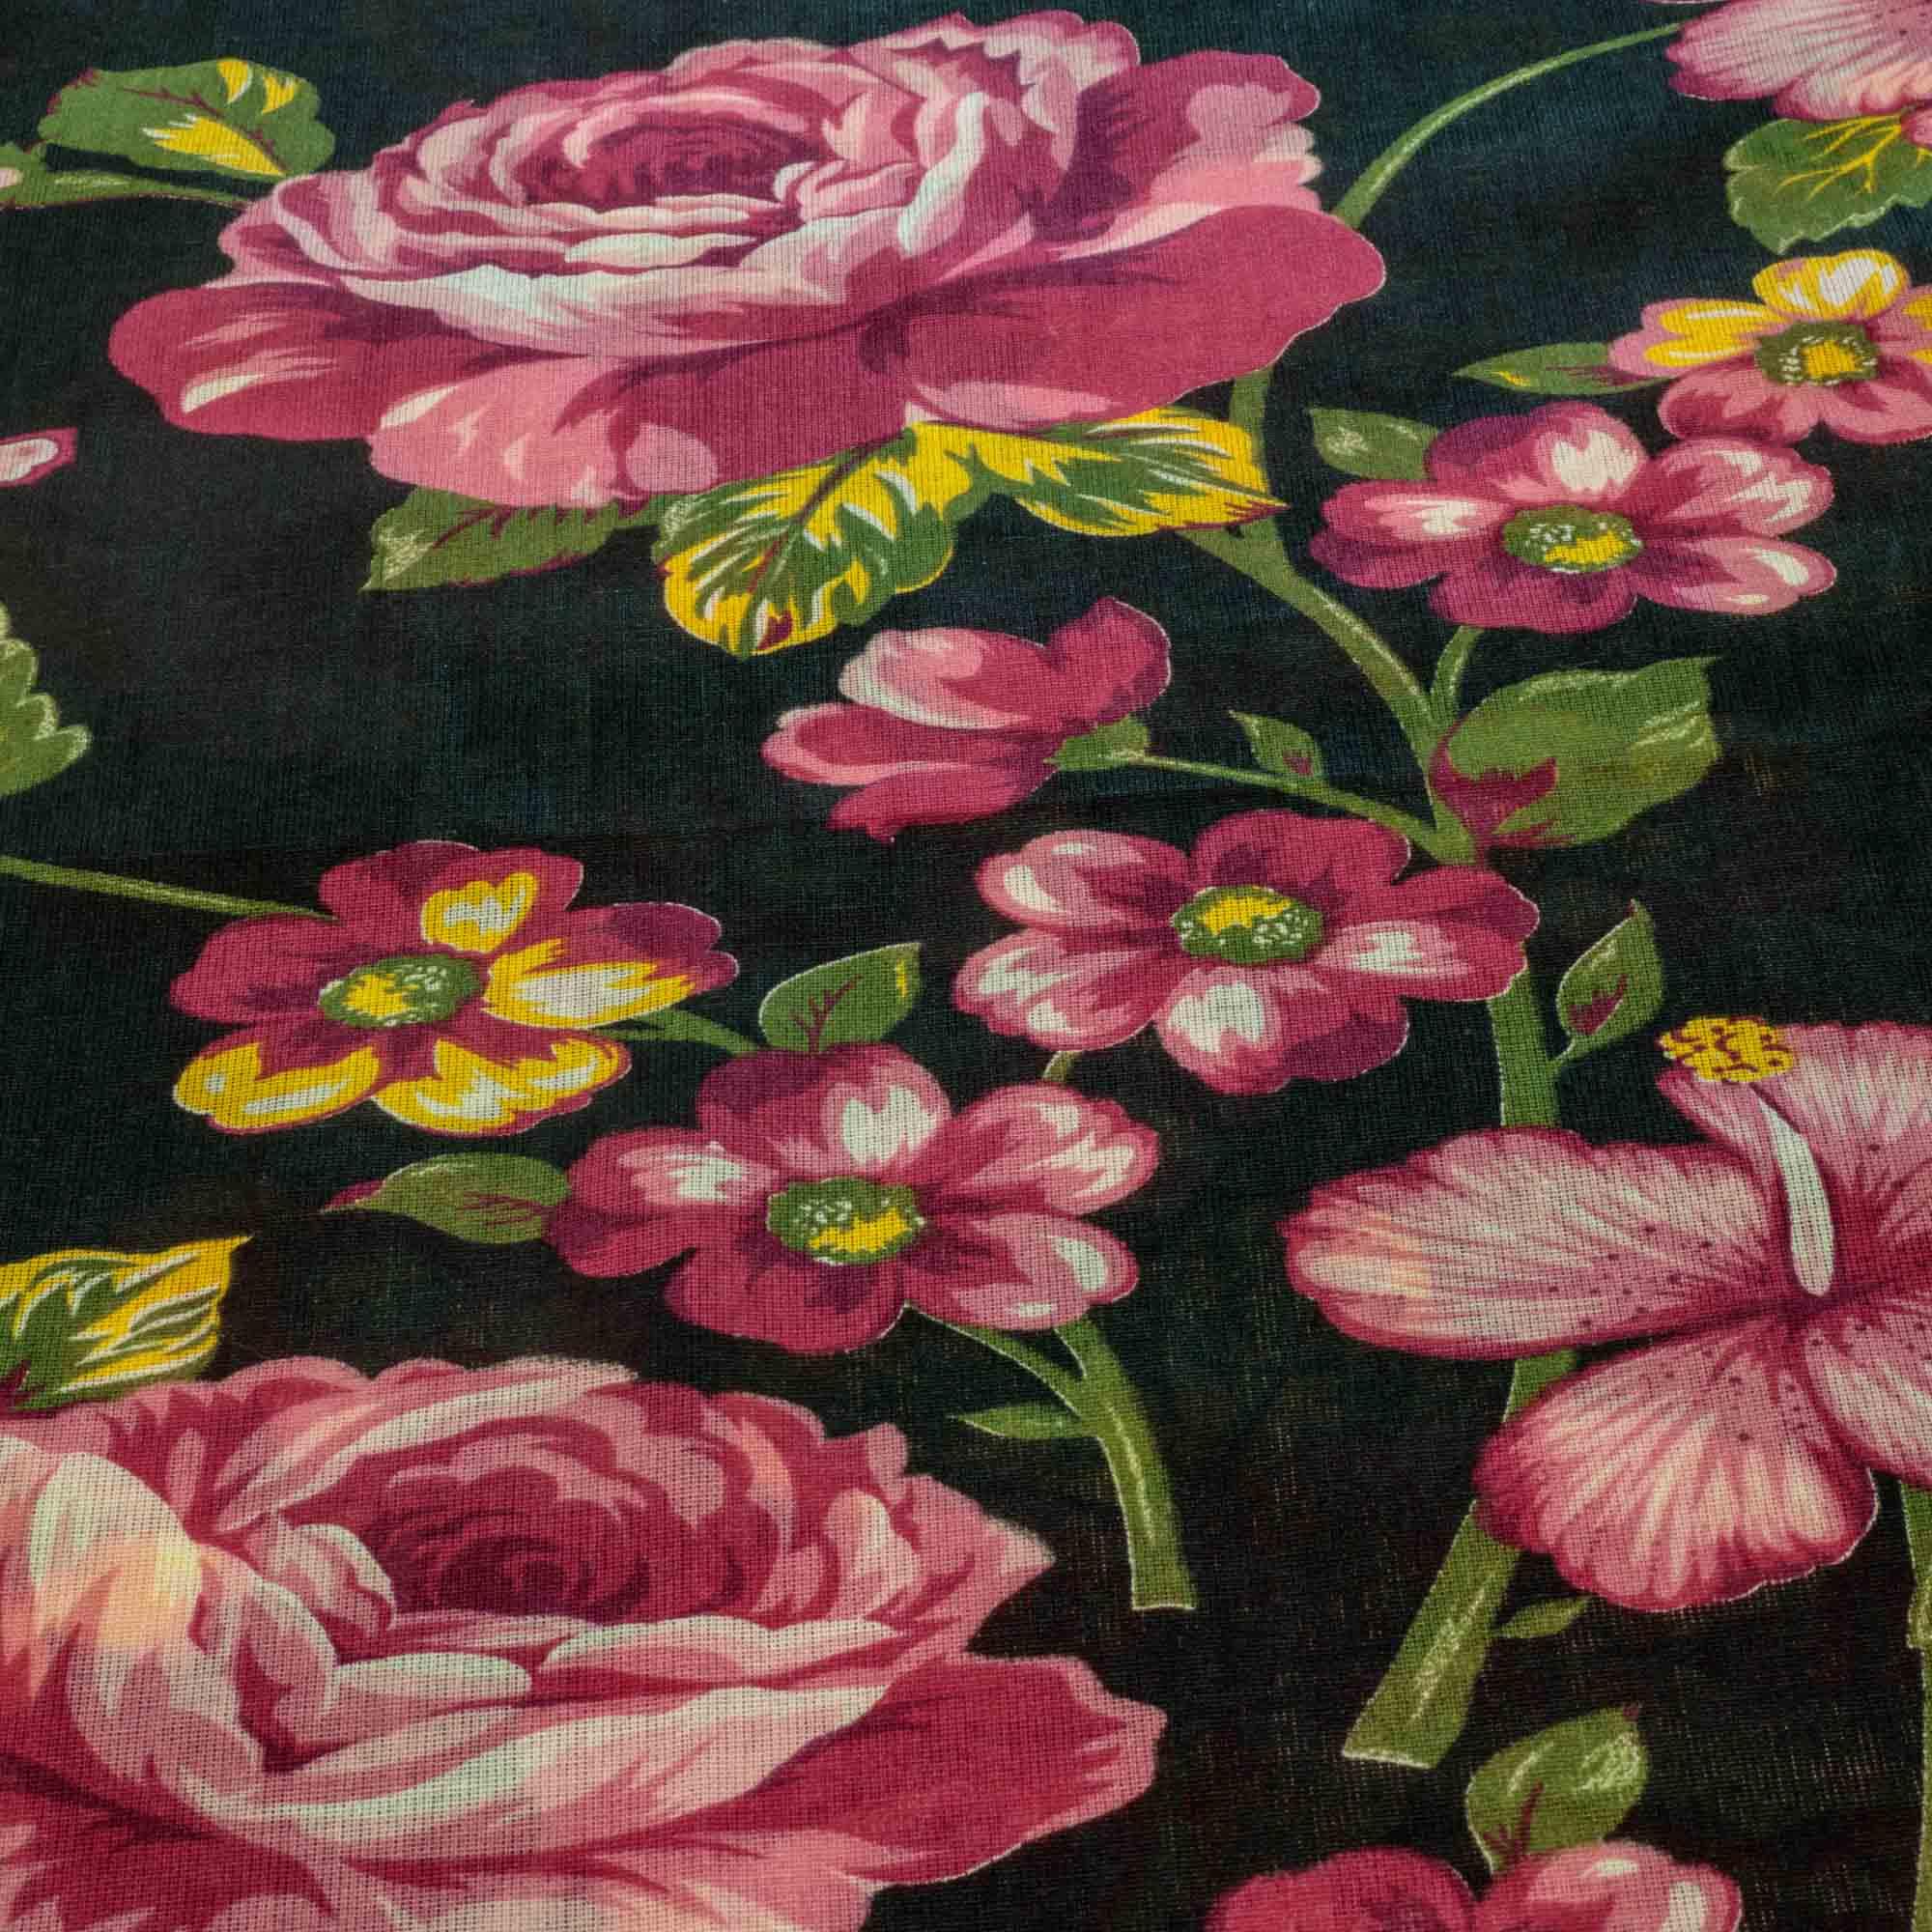 Tecido Chitão Estampado Fundo Preto Flores Rosa 100% Algodão 1,40 Mt Largura